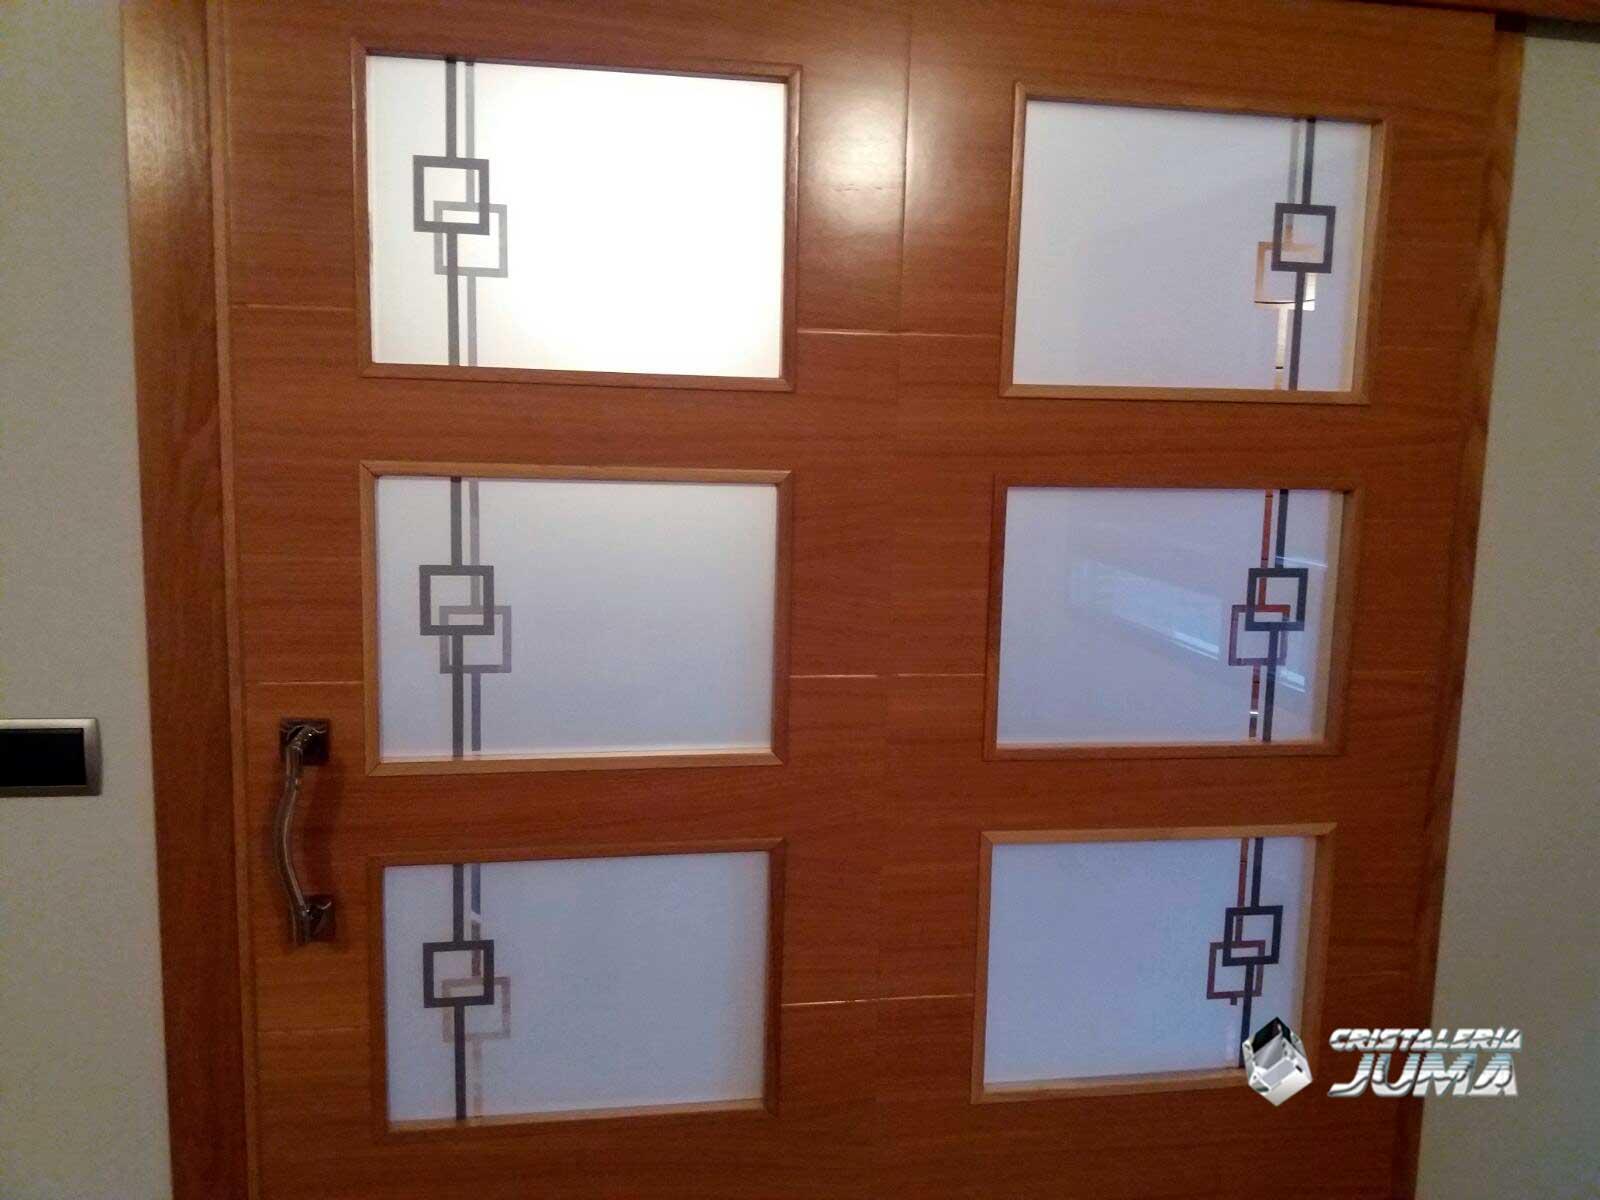 Cristales para puertas puertas de cristal hojas nueva - Cristales para puertas ...